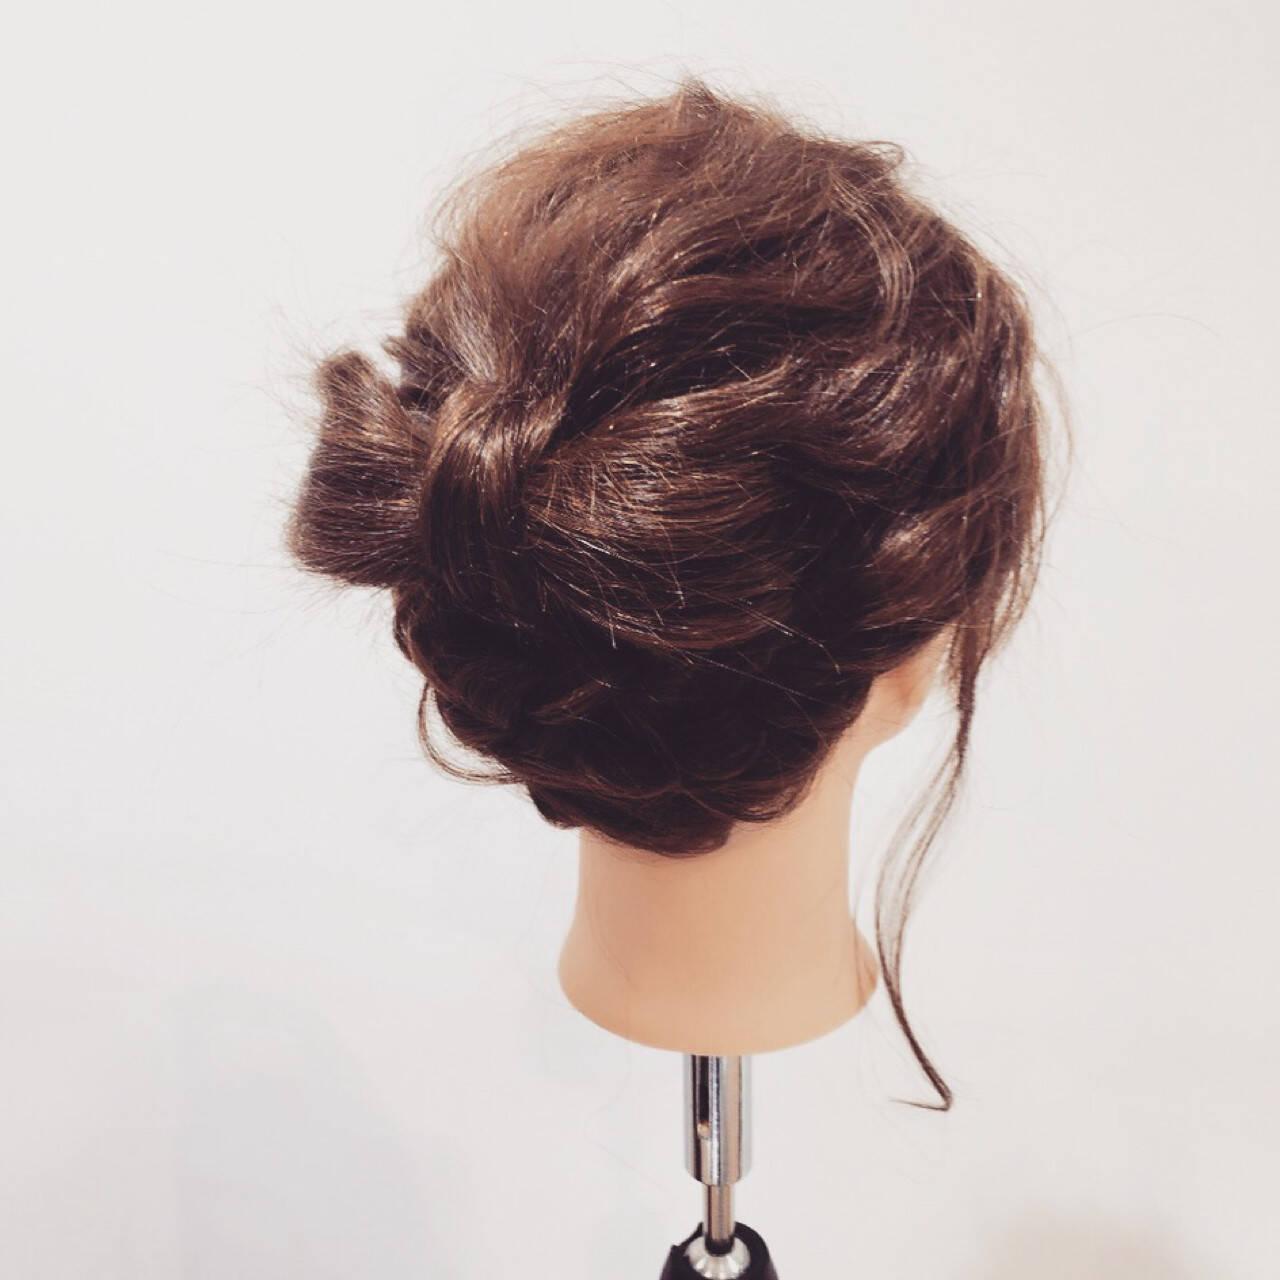 簡単ヘアアレンジ ヘアアレンジ セミロング ショートヘアスタイルや髪型の写真・画像